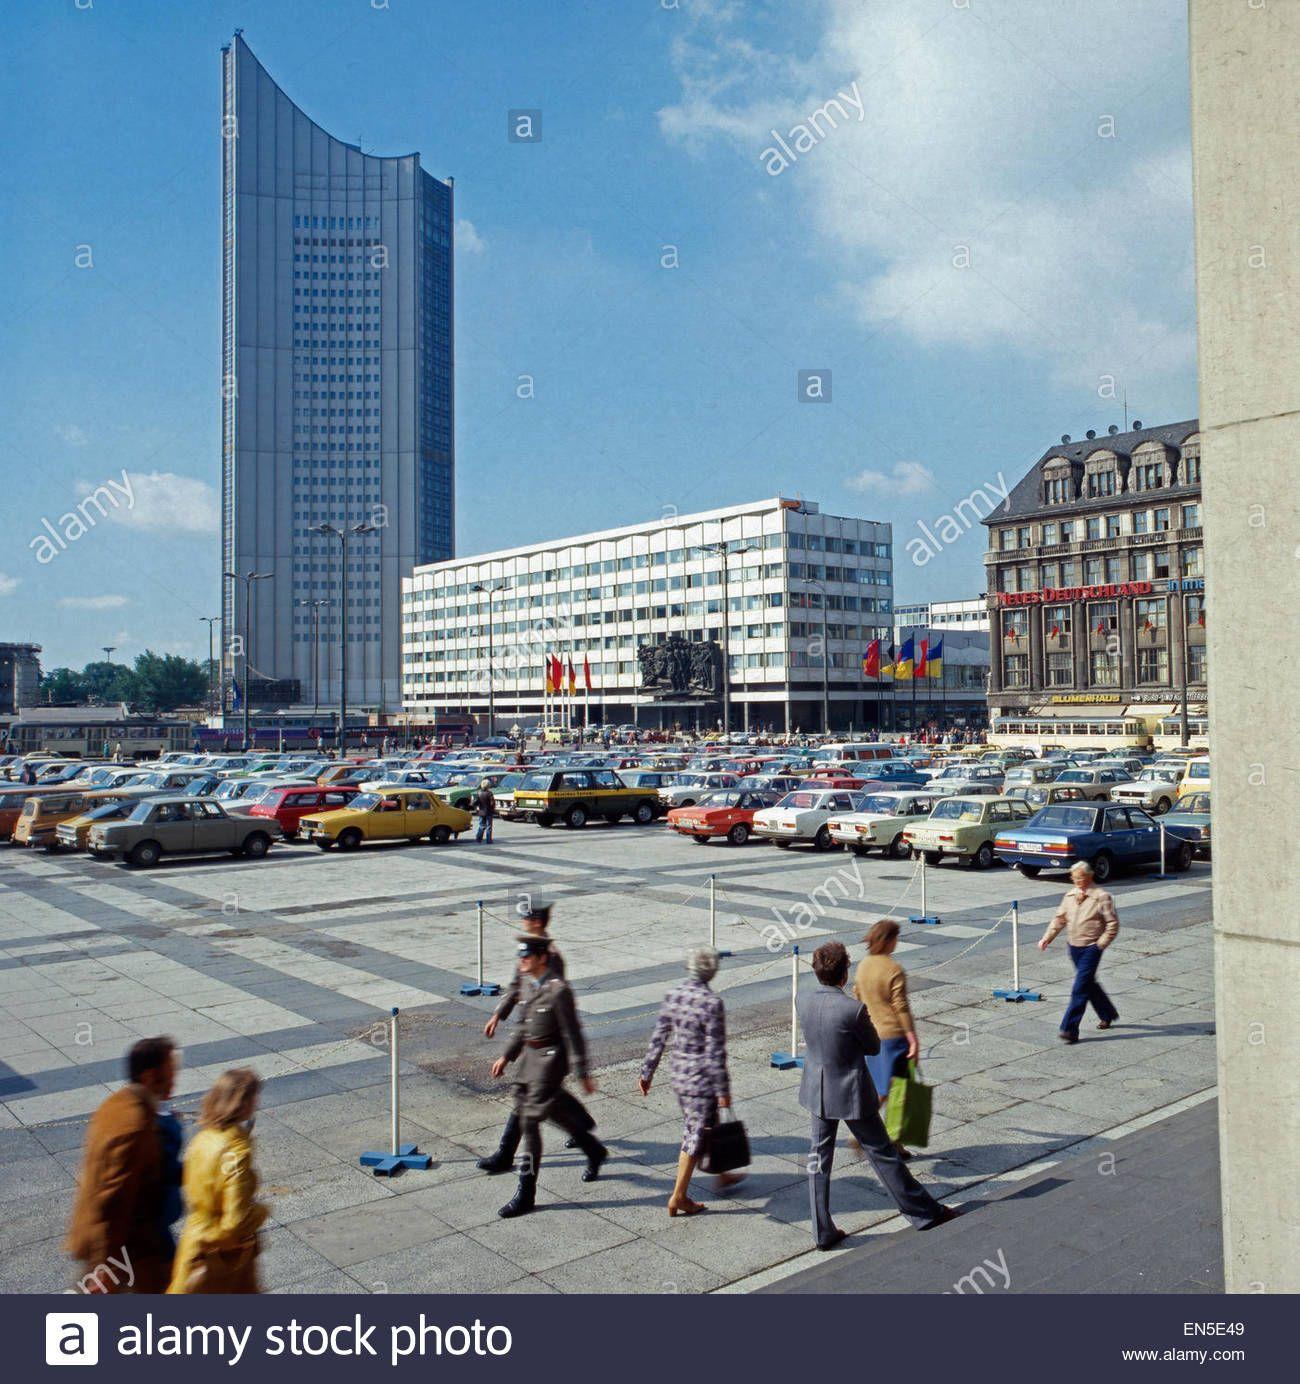 Die Universitat Von Leipzig Ddr 1970er Jahre The University Of Leipzig Leipzig Ddr 1980s Ddr Leipzig Leipzig Universitat